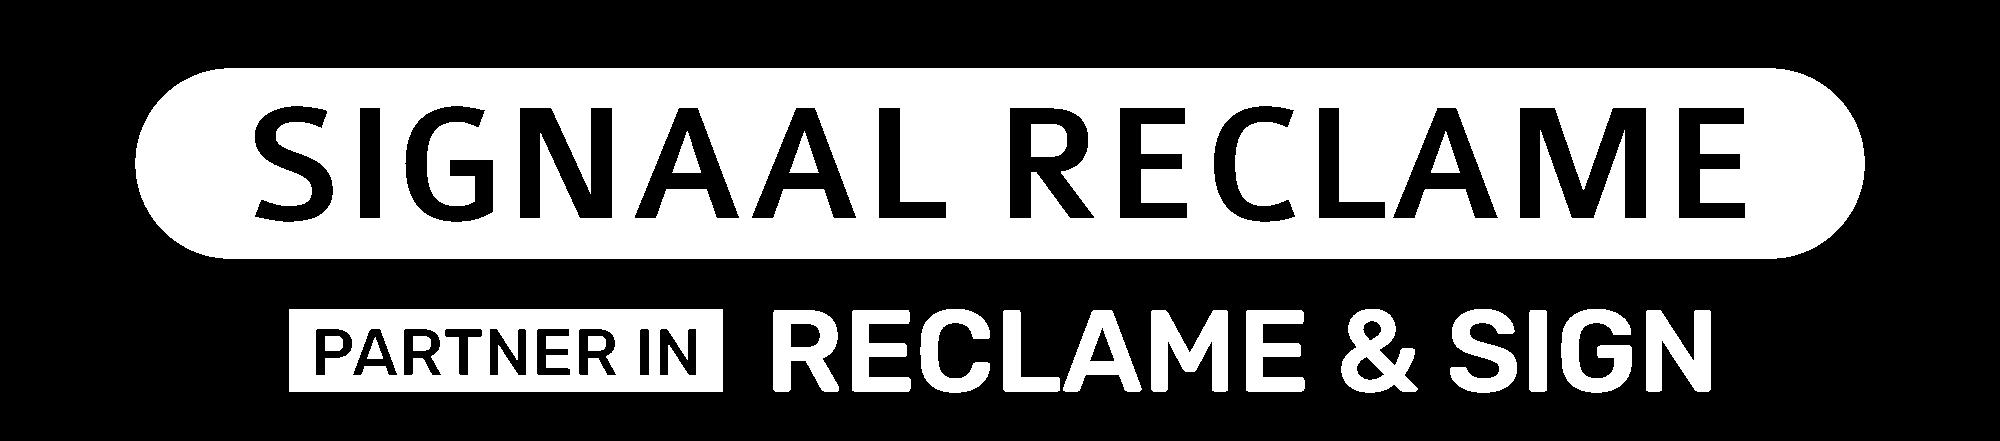 Signaal Reclame - Partner in Reclame & Sign